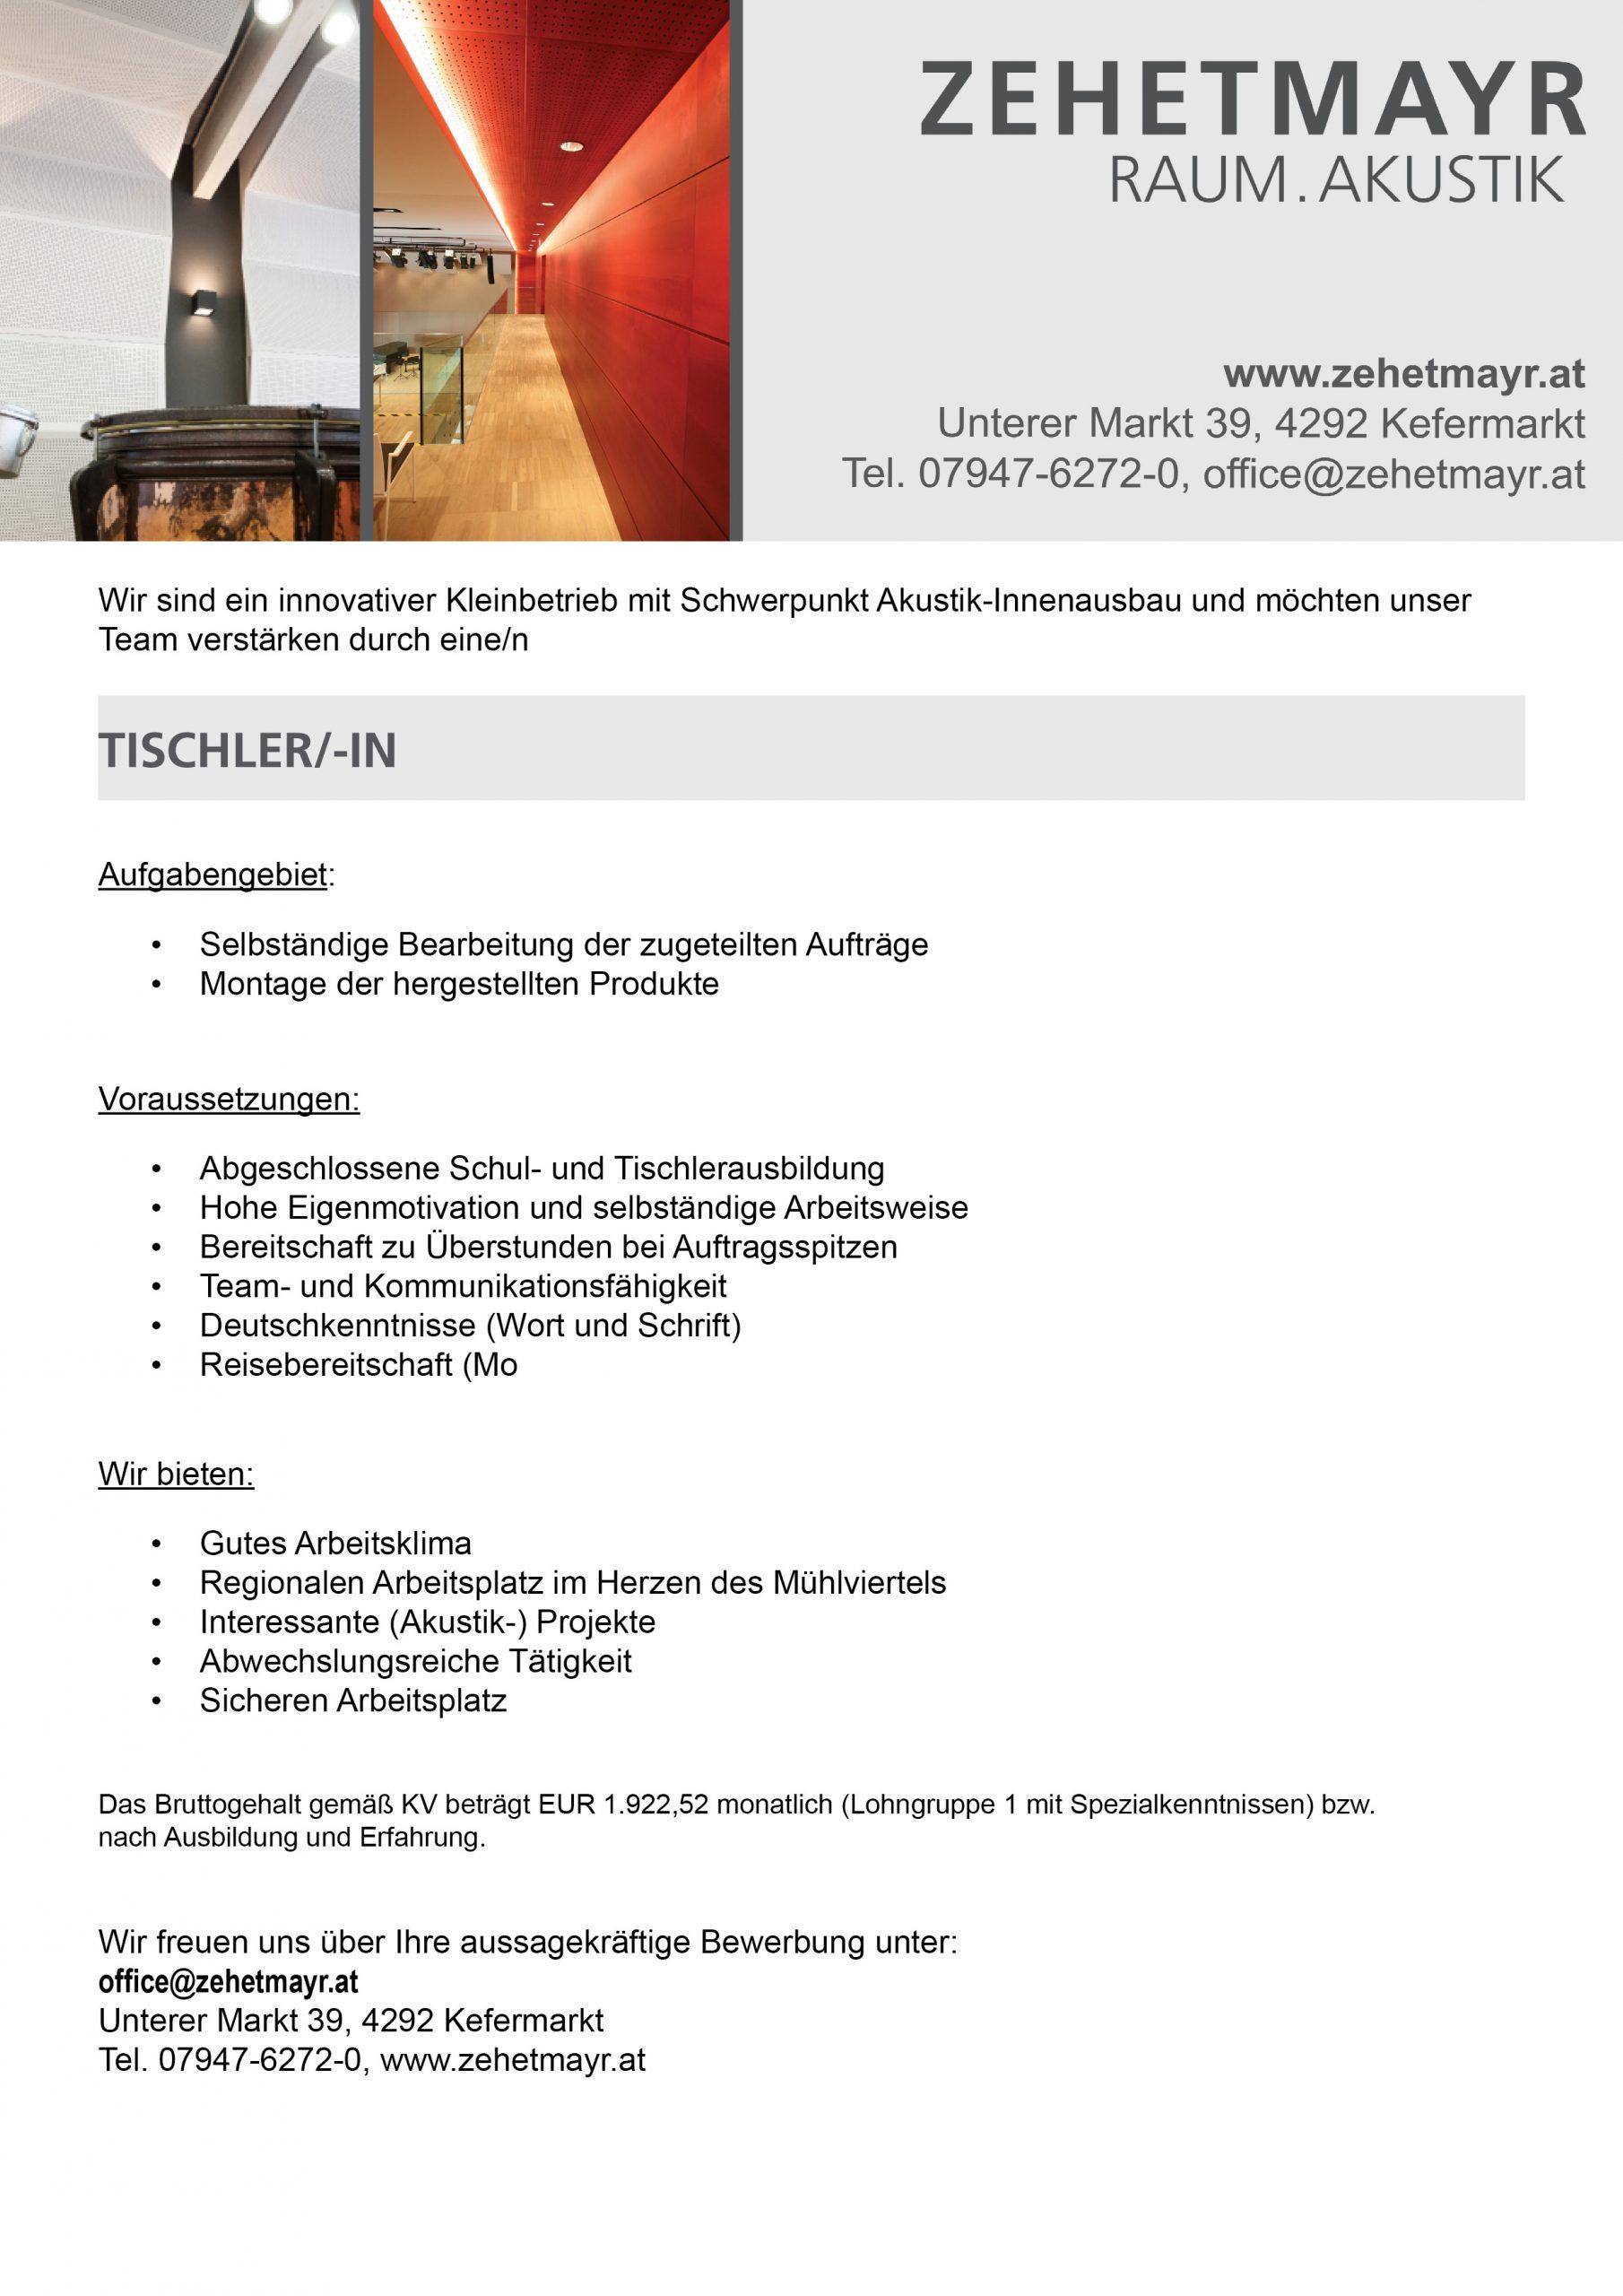 Stellenaussschreibung_Tischler-in_202008-scaled